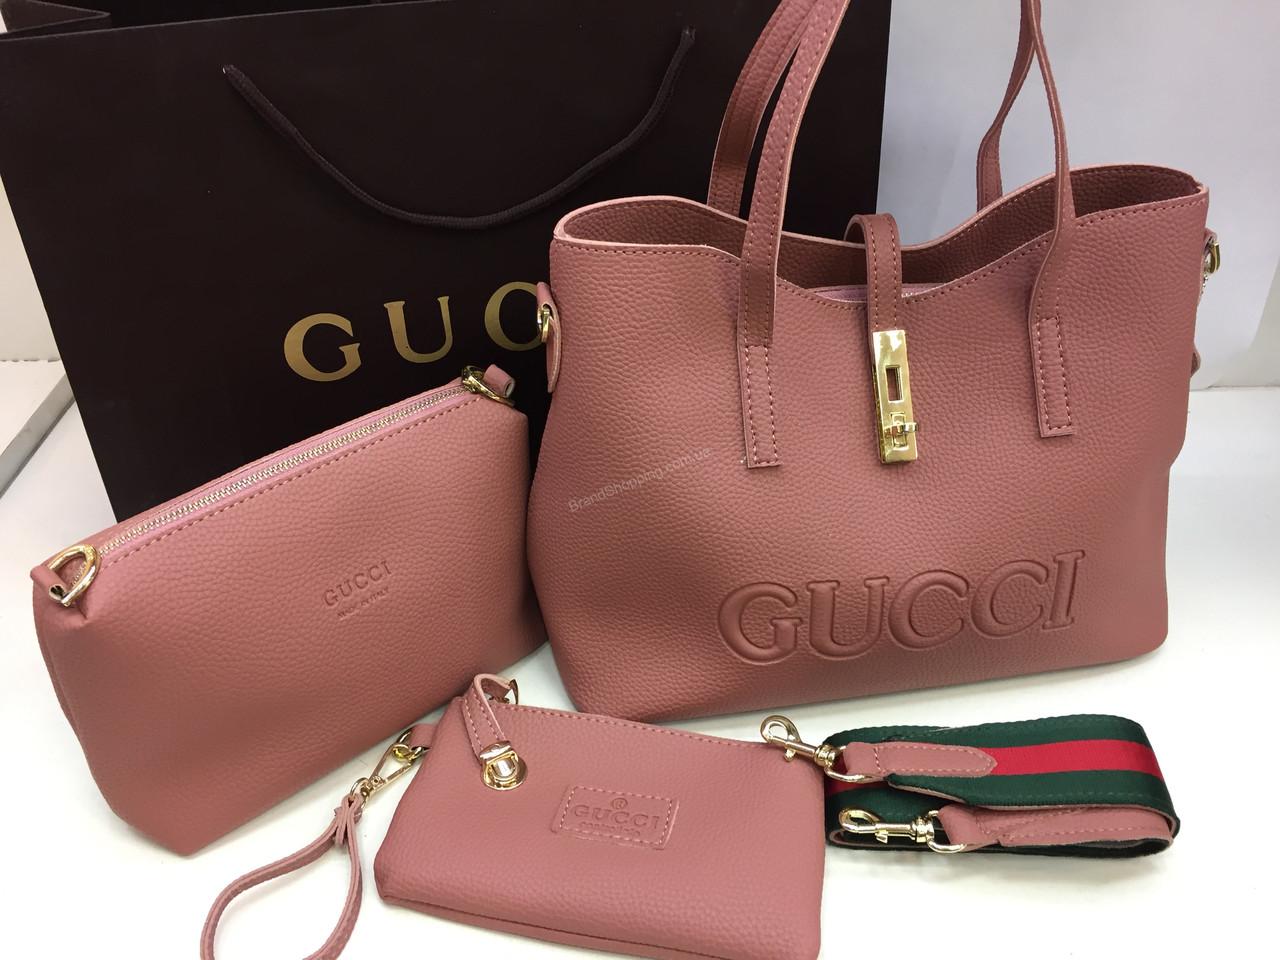 8e50f6ada666 Сумка женская Gucci Lux в нежно пудровом цвете 3 в 1 арт 2098 - The style